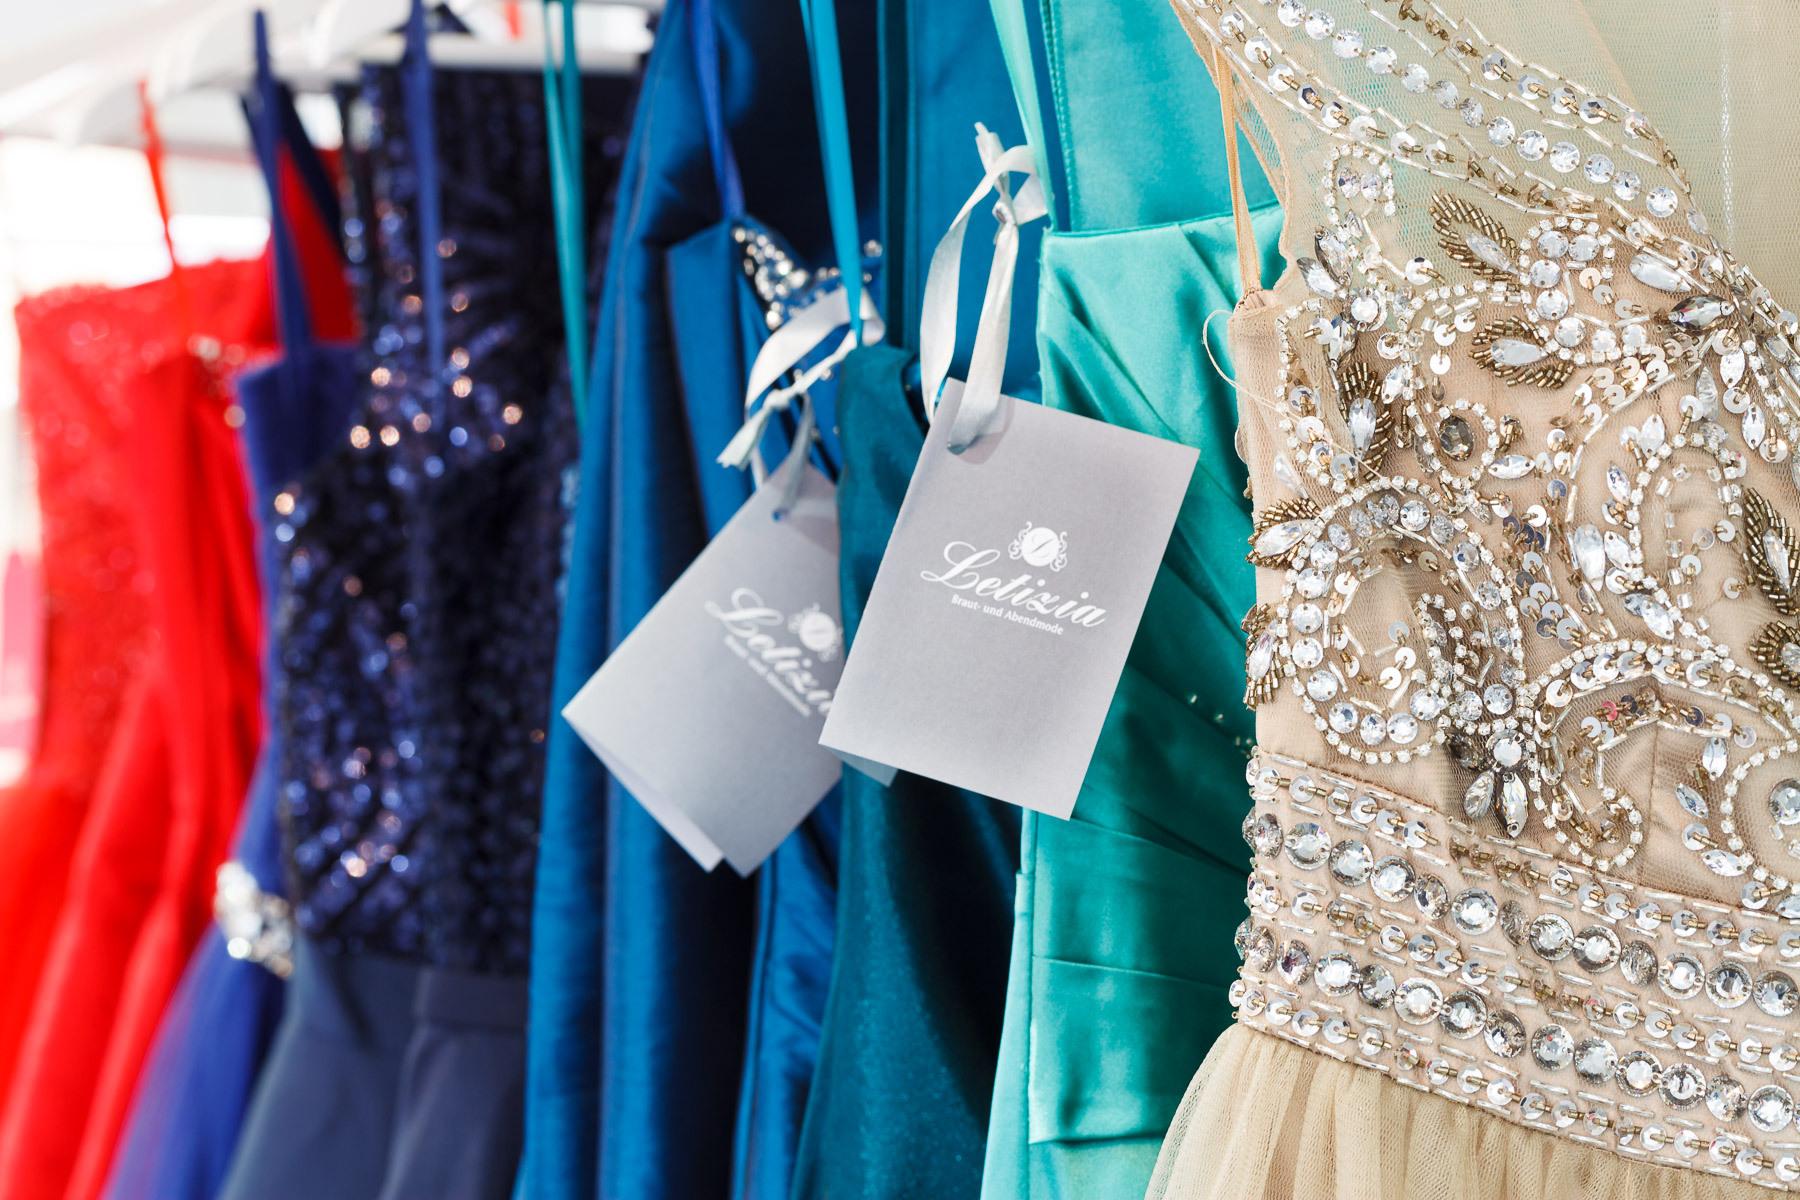 Designer Luxus Abendkleider Bielefeld Bester Preis - Abendkleid